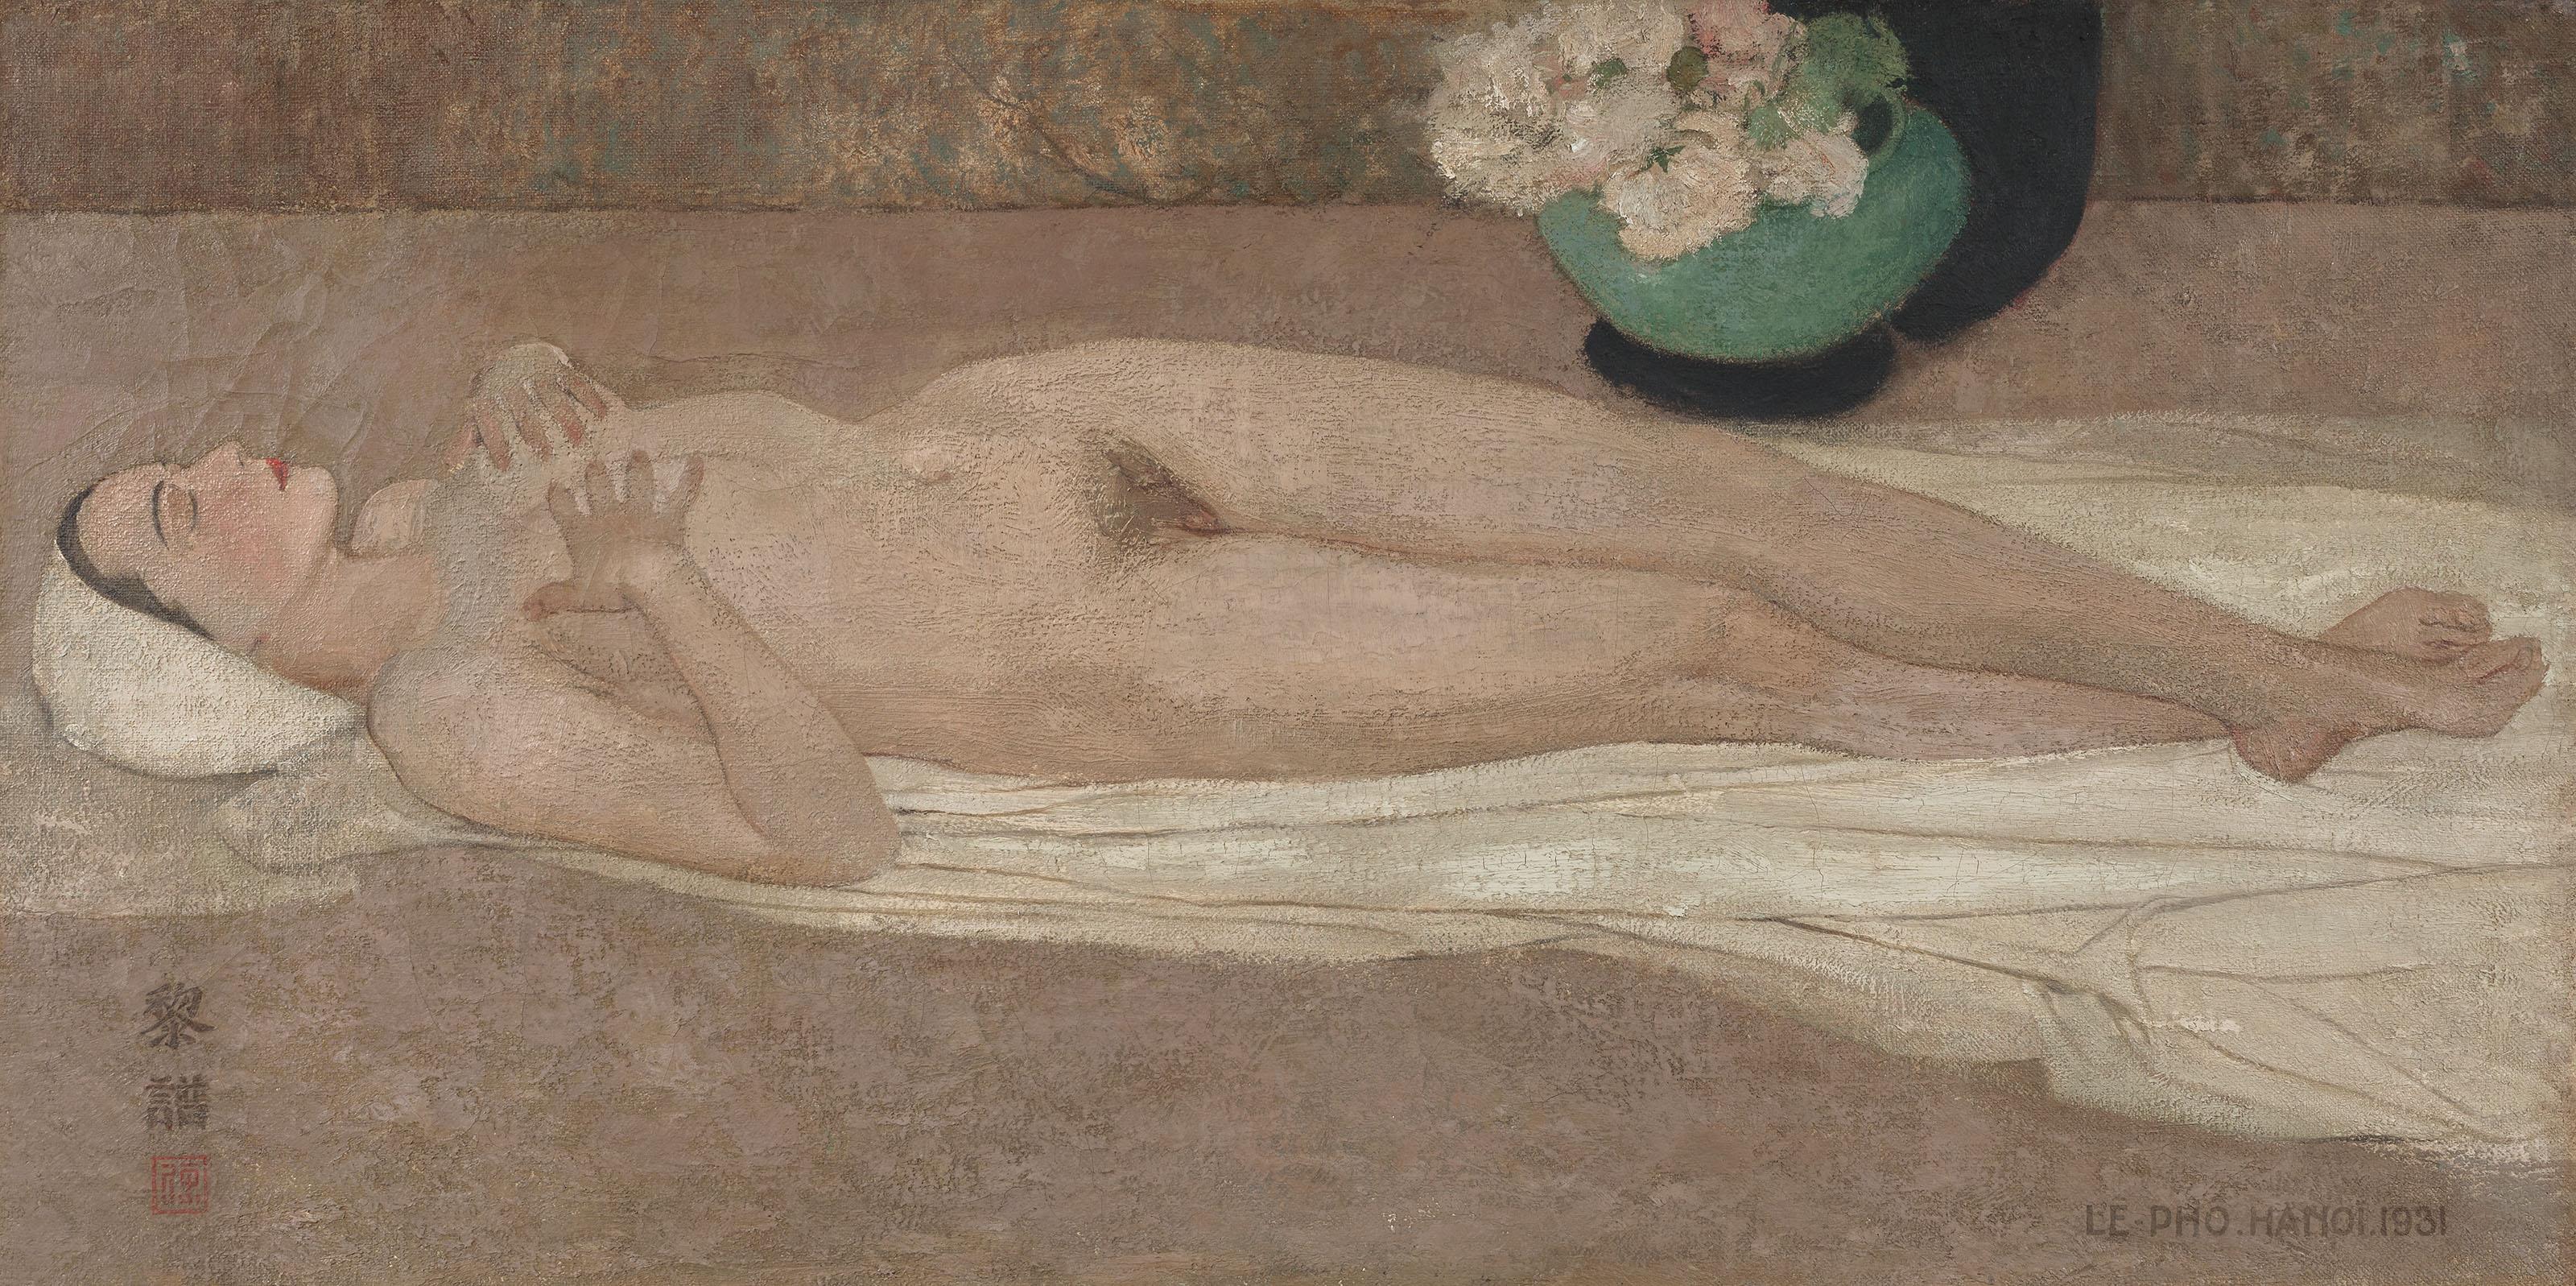 LE PHO (FRANCE/VIETNAM, 1907-2001)